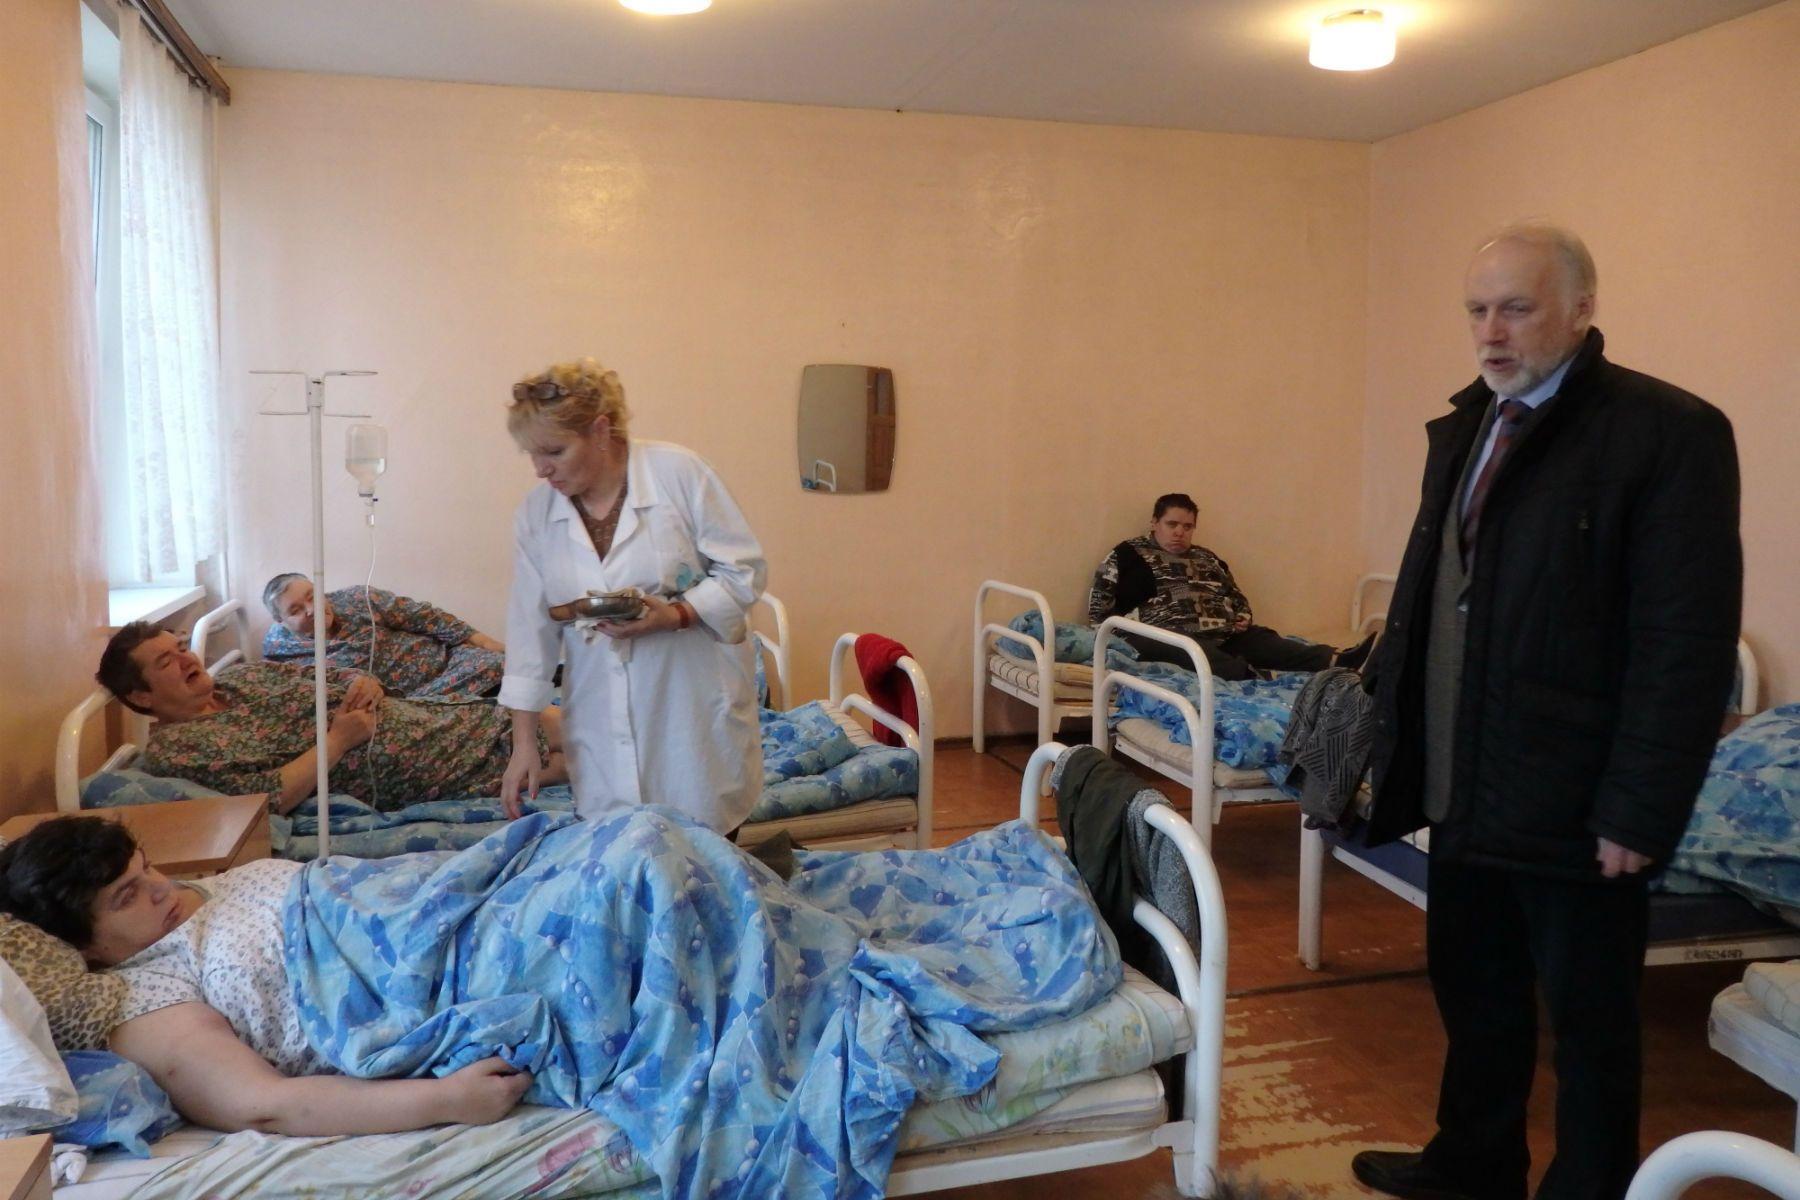 Минтруд и общественные организации планируют изменить условия проживания в ПНИ